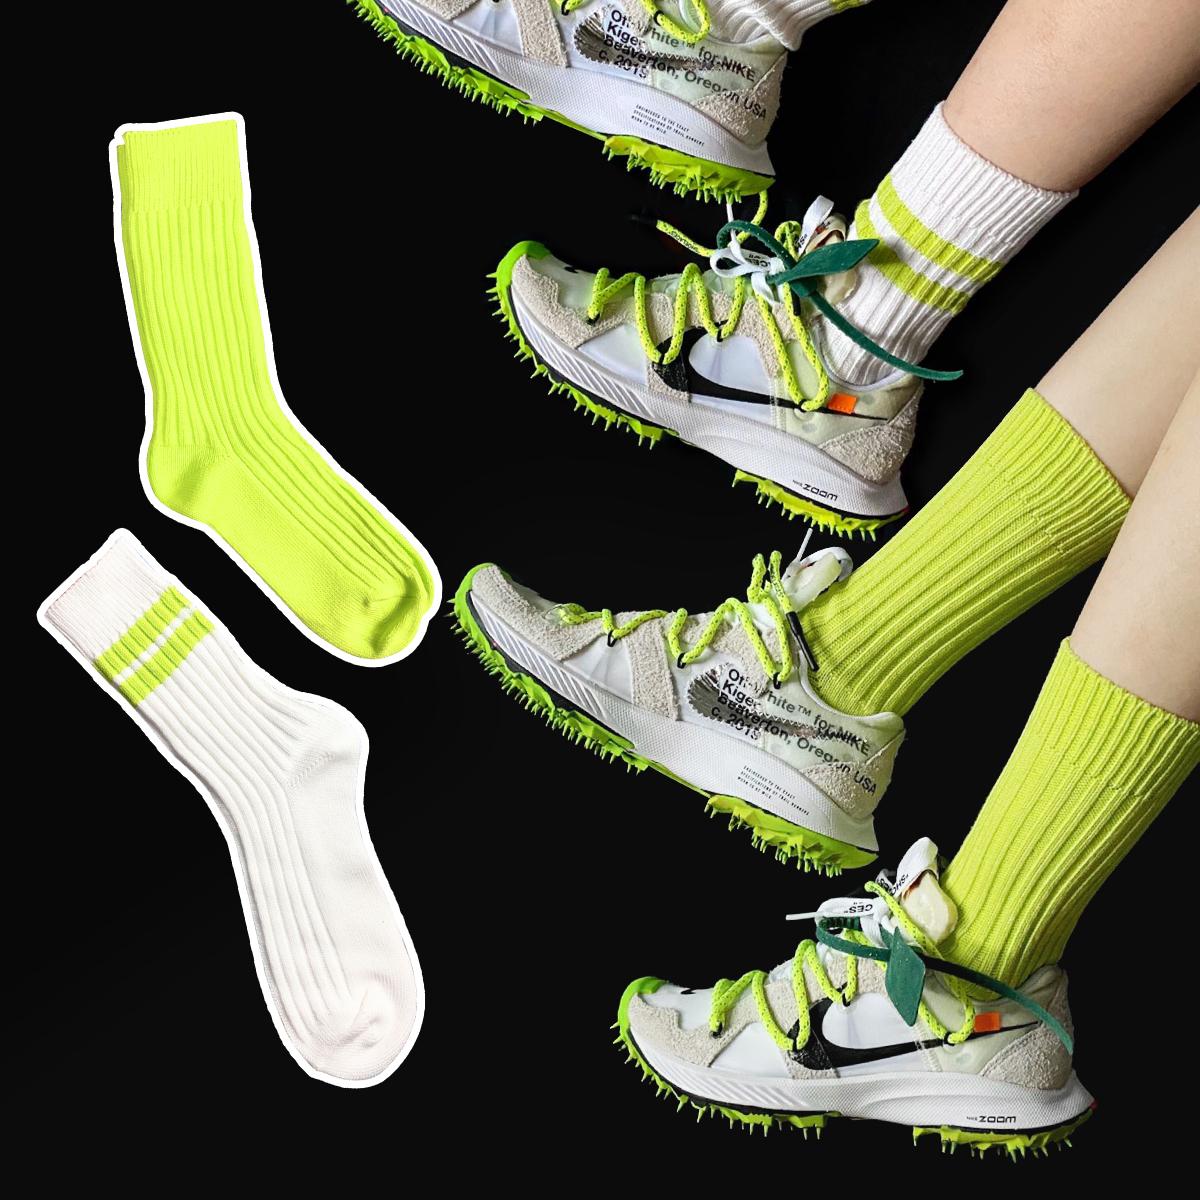 余文乐同款纯色荧光绿色袜子女ins潮运动中筒袜长袜厚复古男女袜